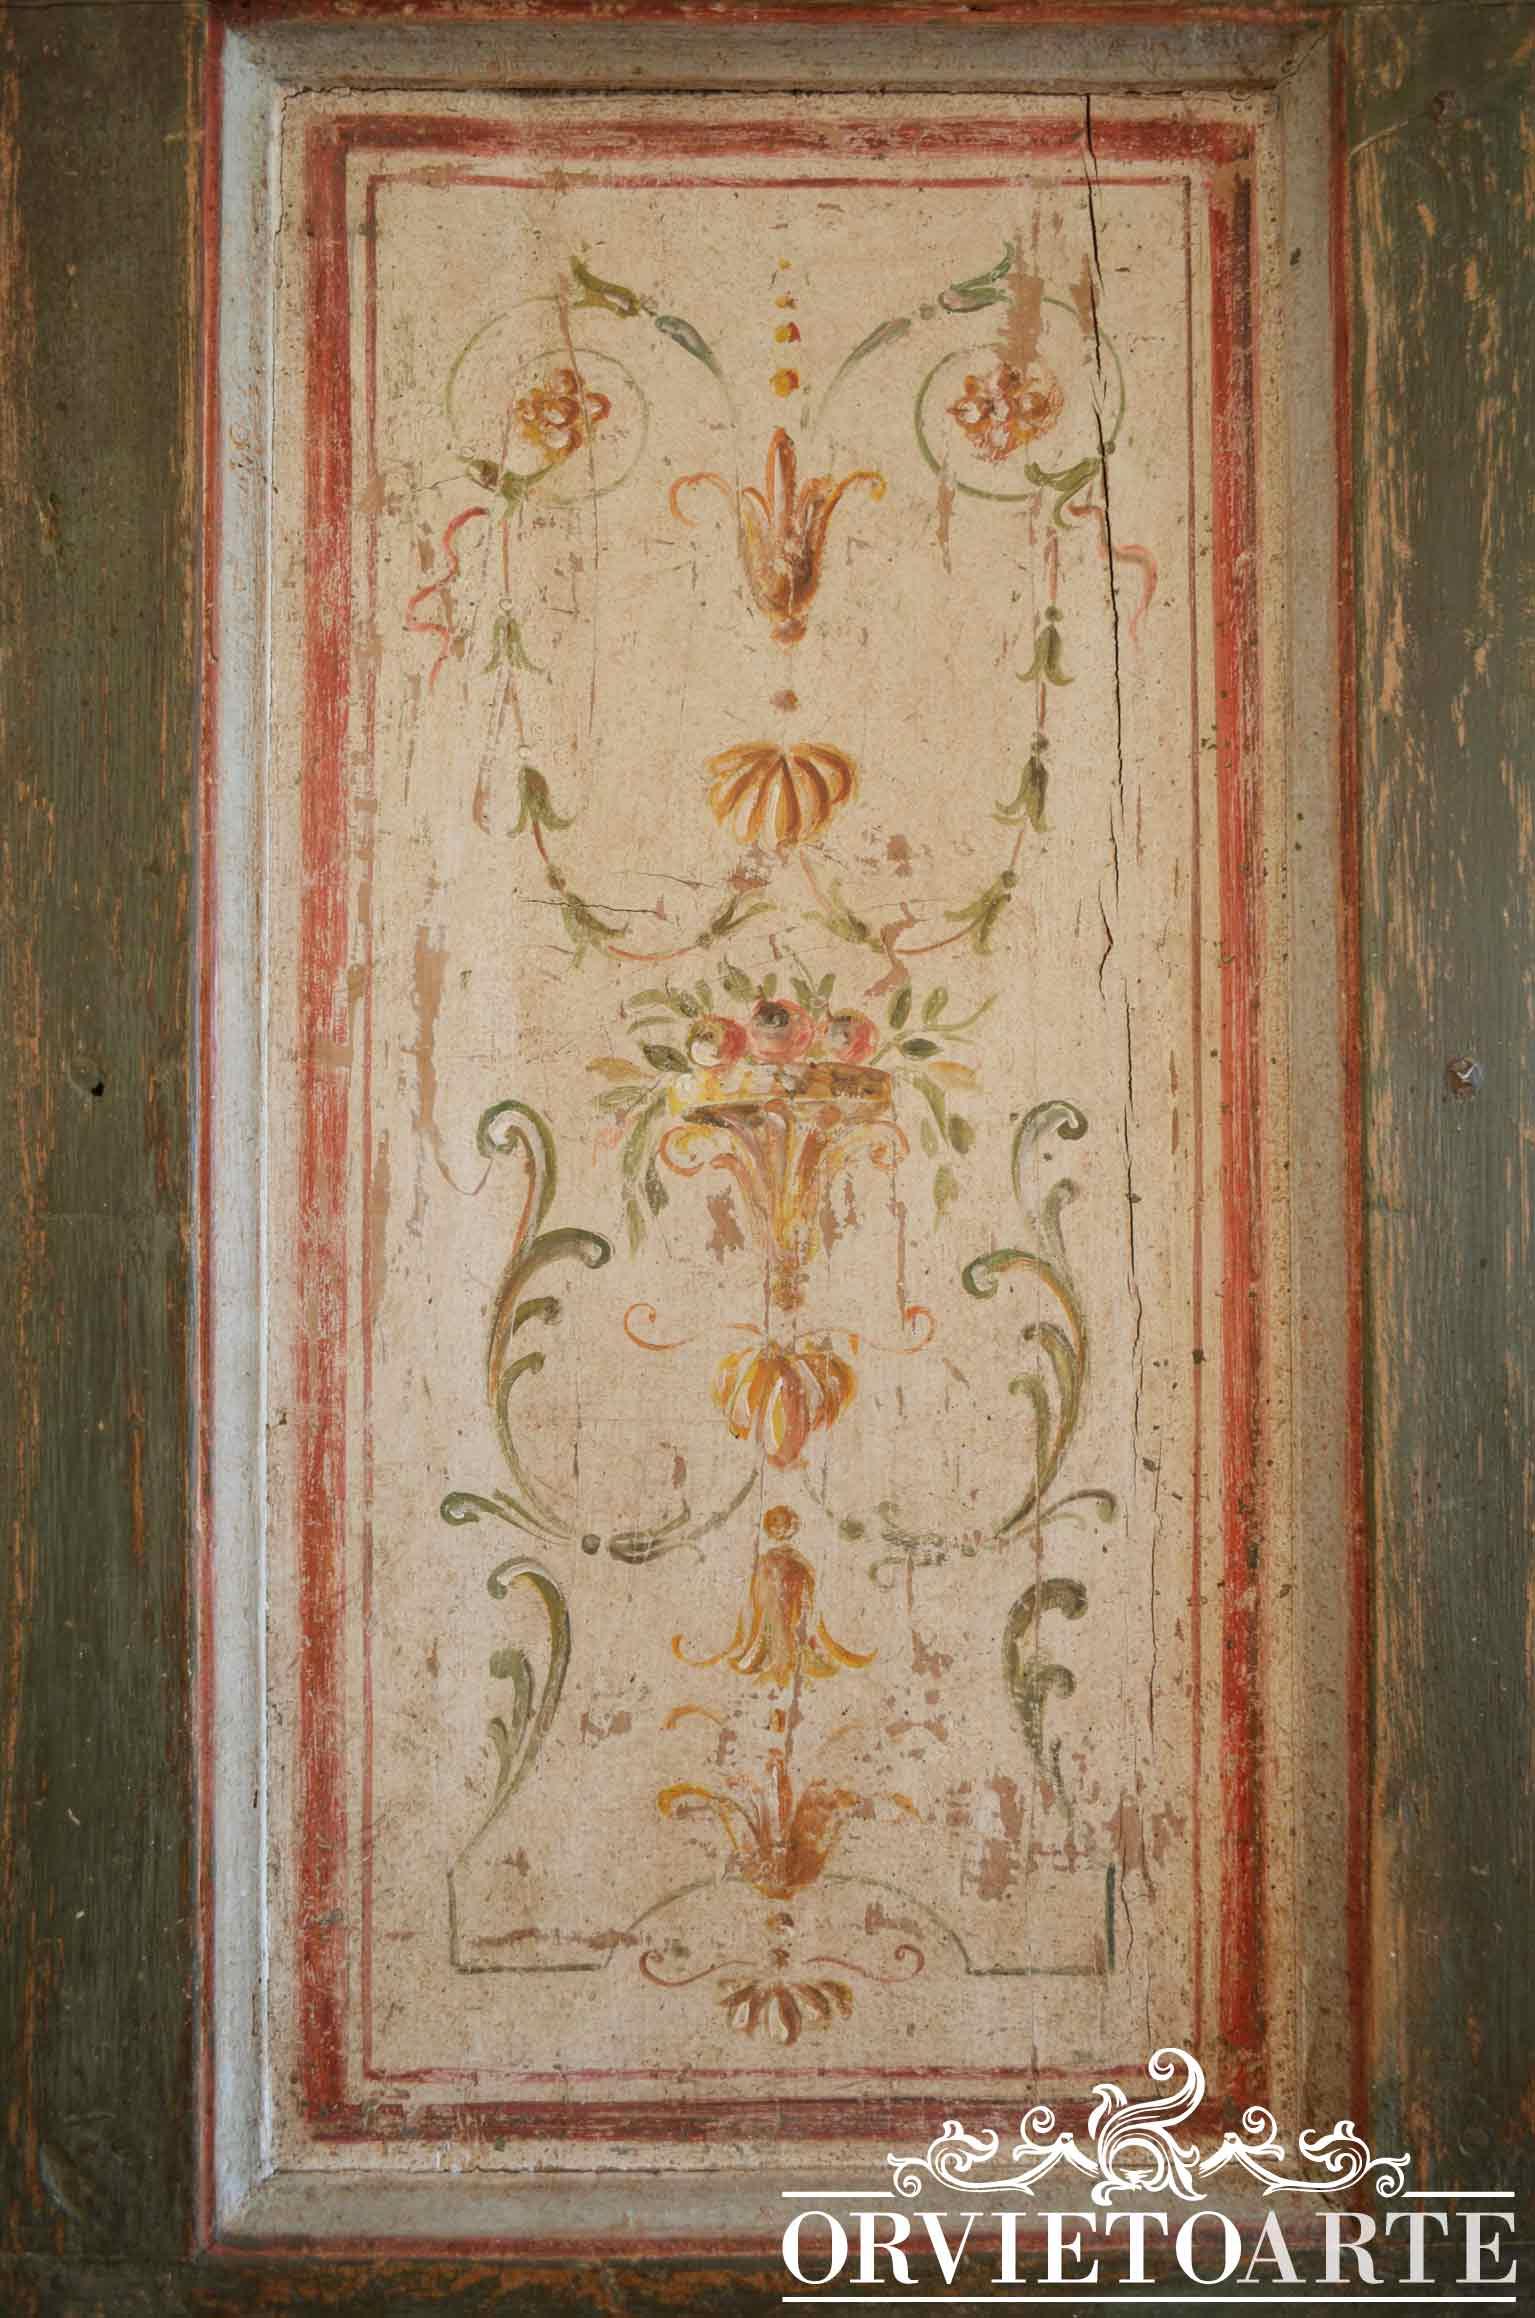 Orvieto arte porta decorata in stile marchigiano - Porte decorate antiche ...